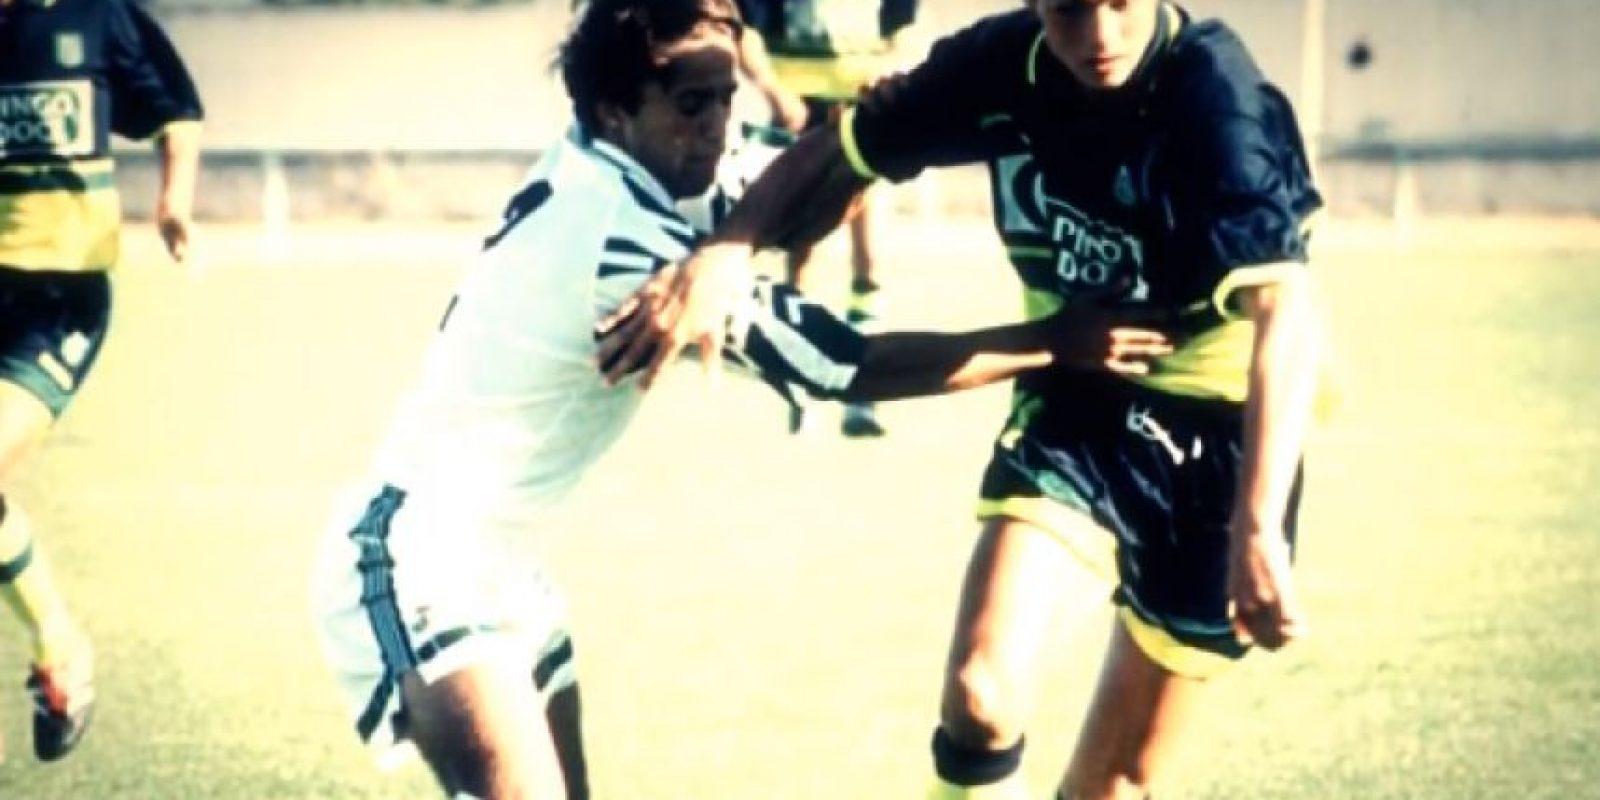 En la grabación aparecen imágenes que tal vez desconocían Foto:Facebook: Sporting Clube de Portugal